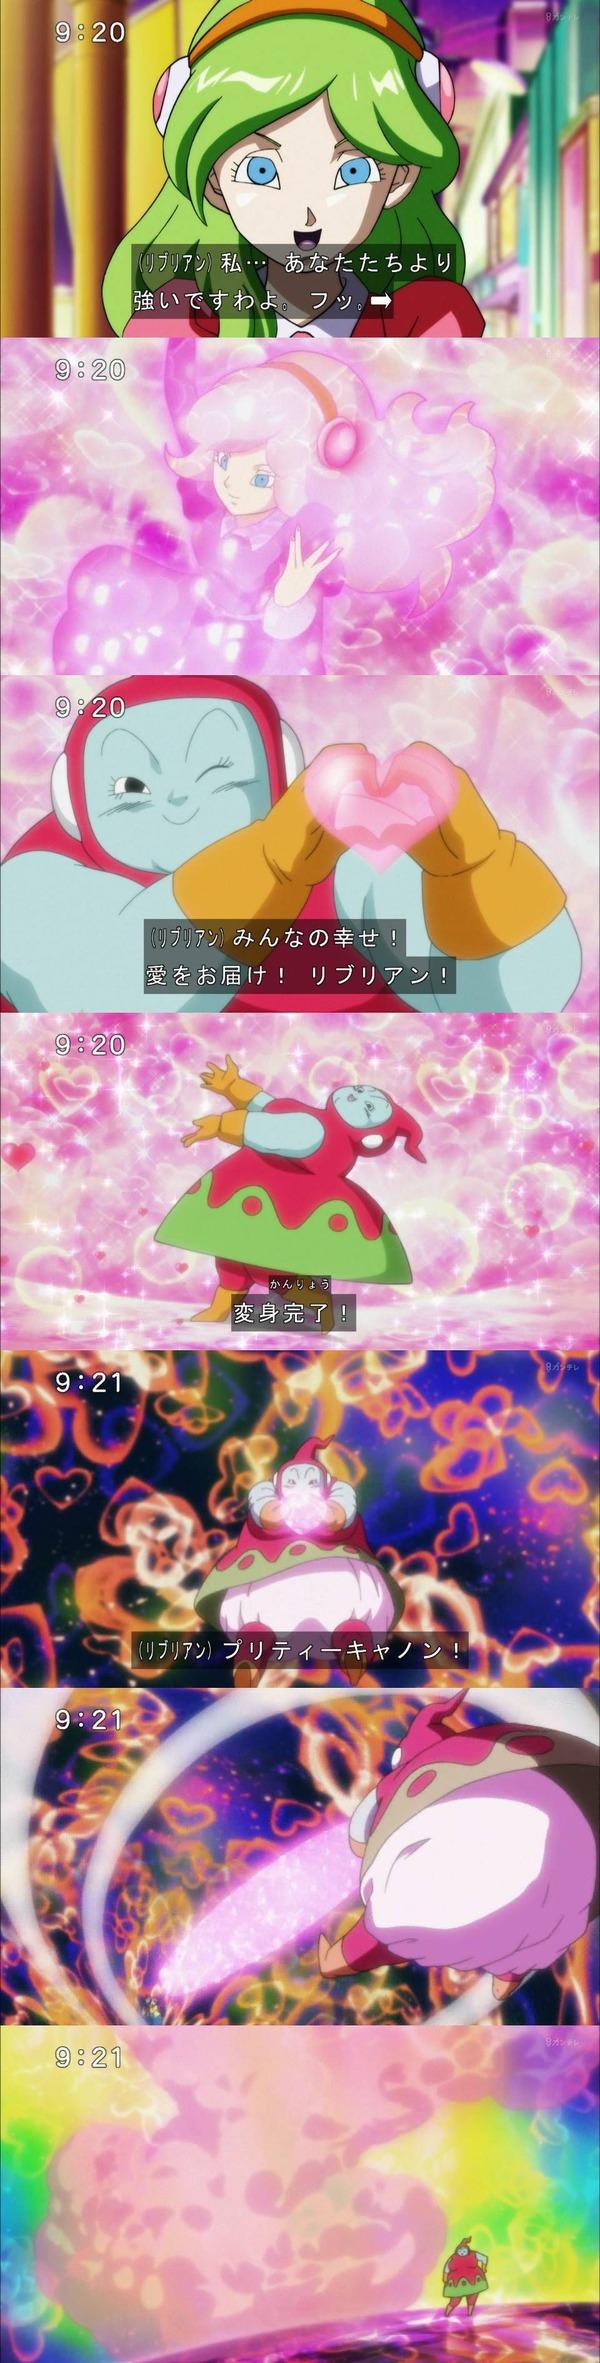 『ドラゴンボール超』にめっちゃプリキュアっぽいキャラが登場!